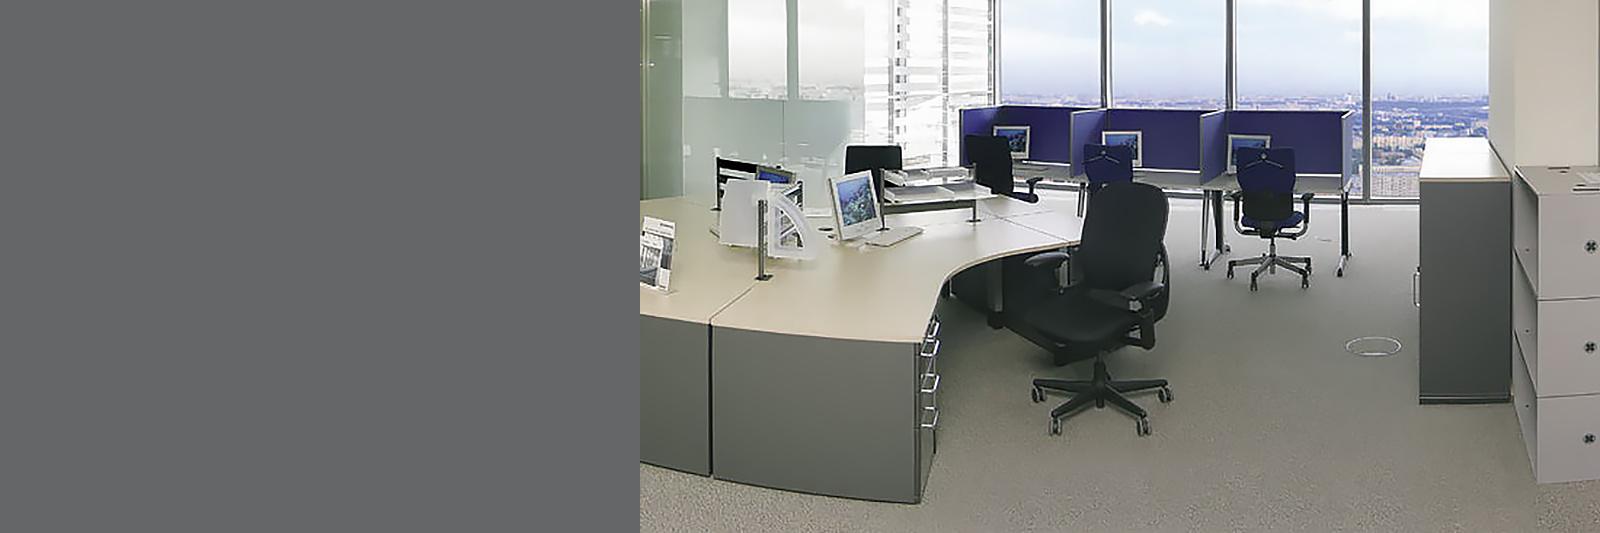 Мебель для персонала, угловые столы на заказ